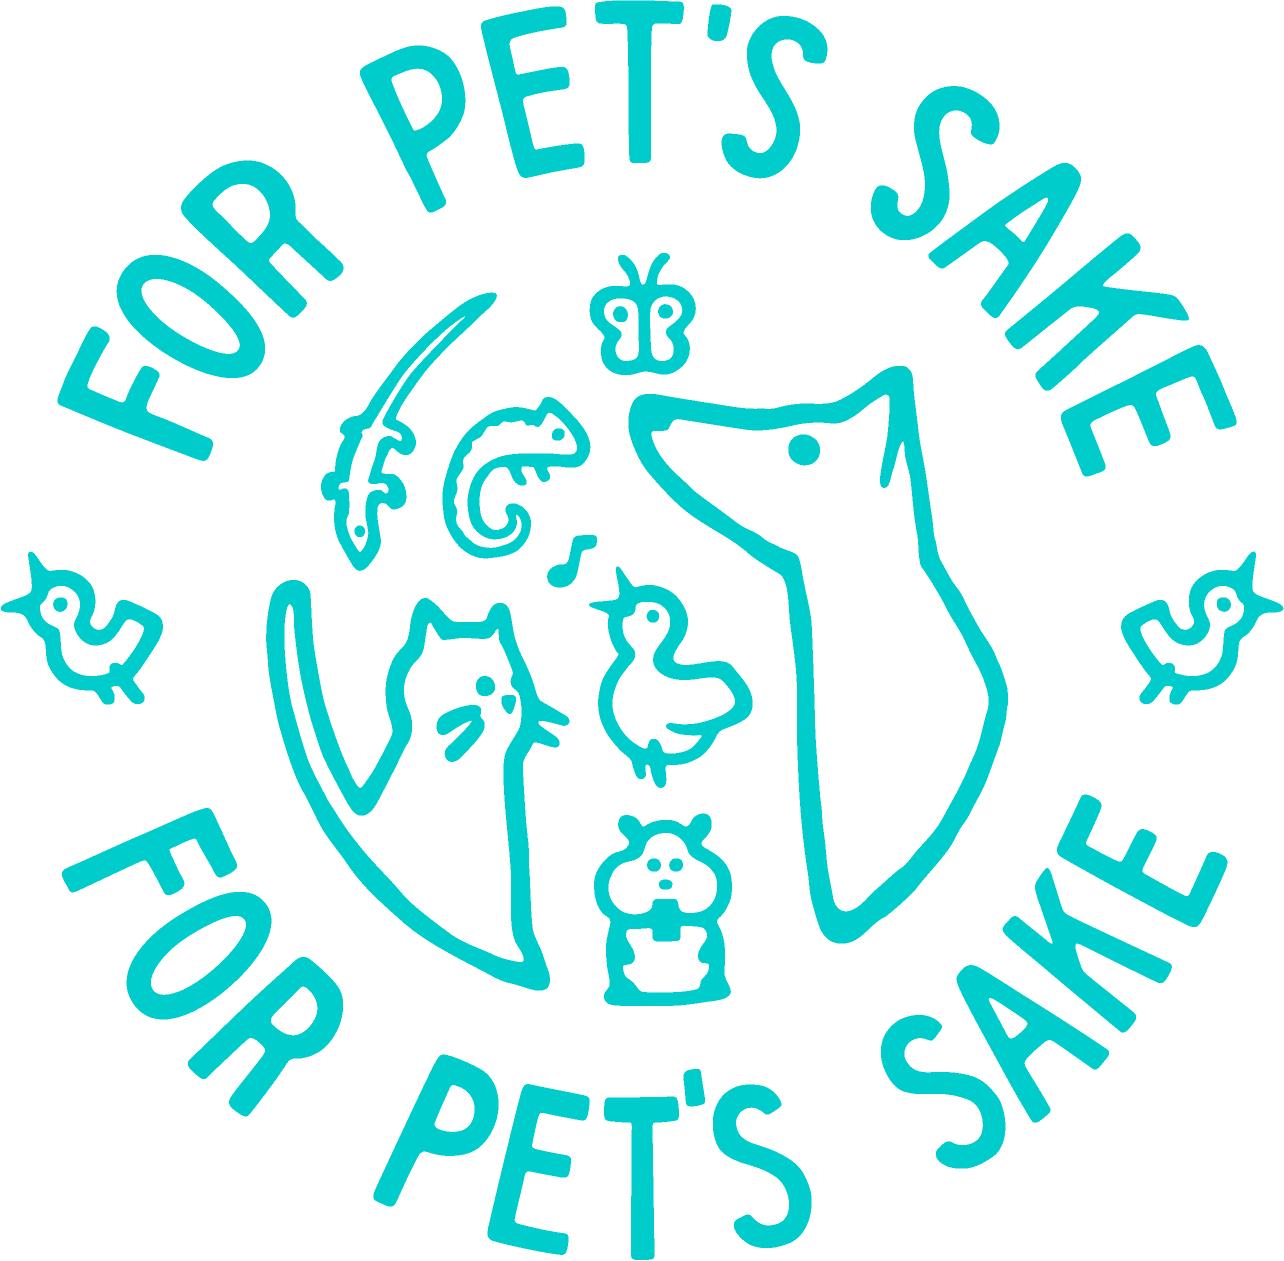 for_pets_sake_logo.jpg